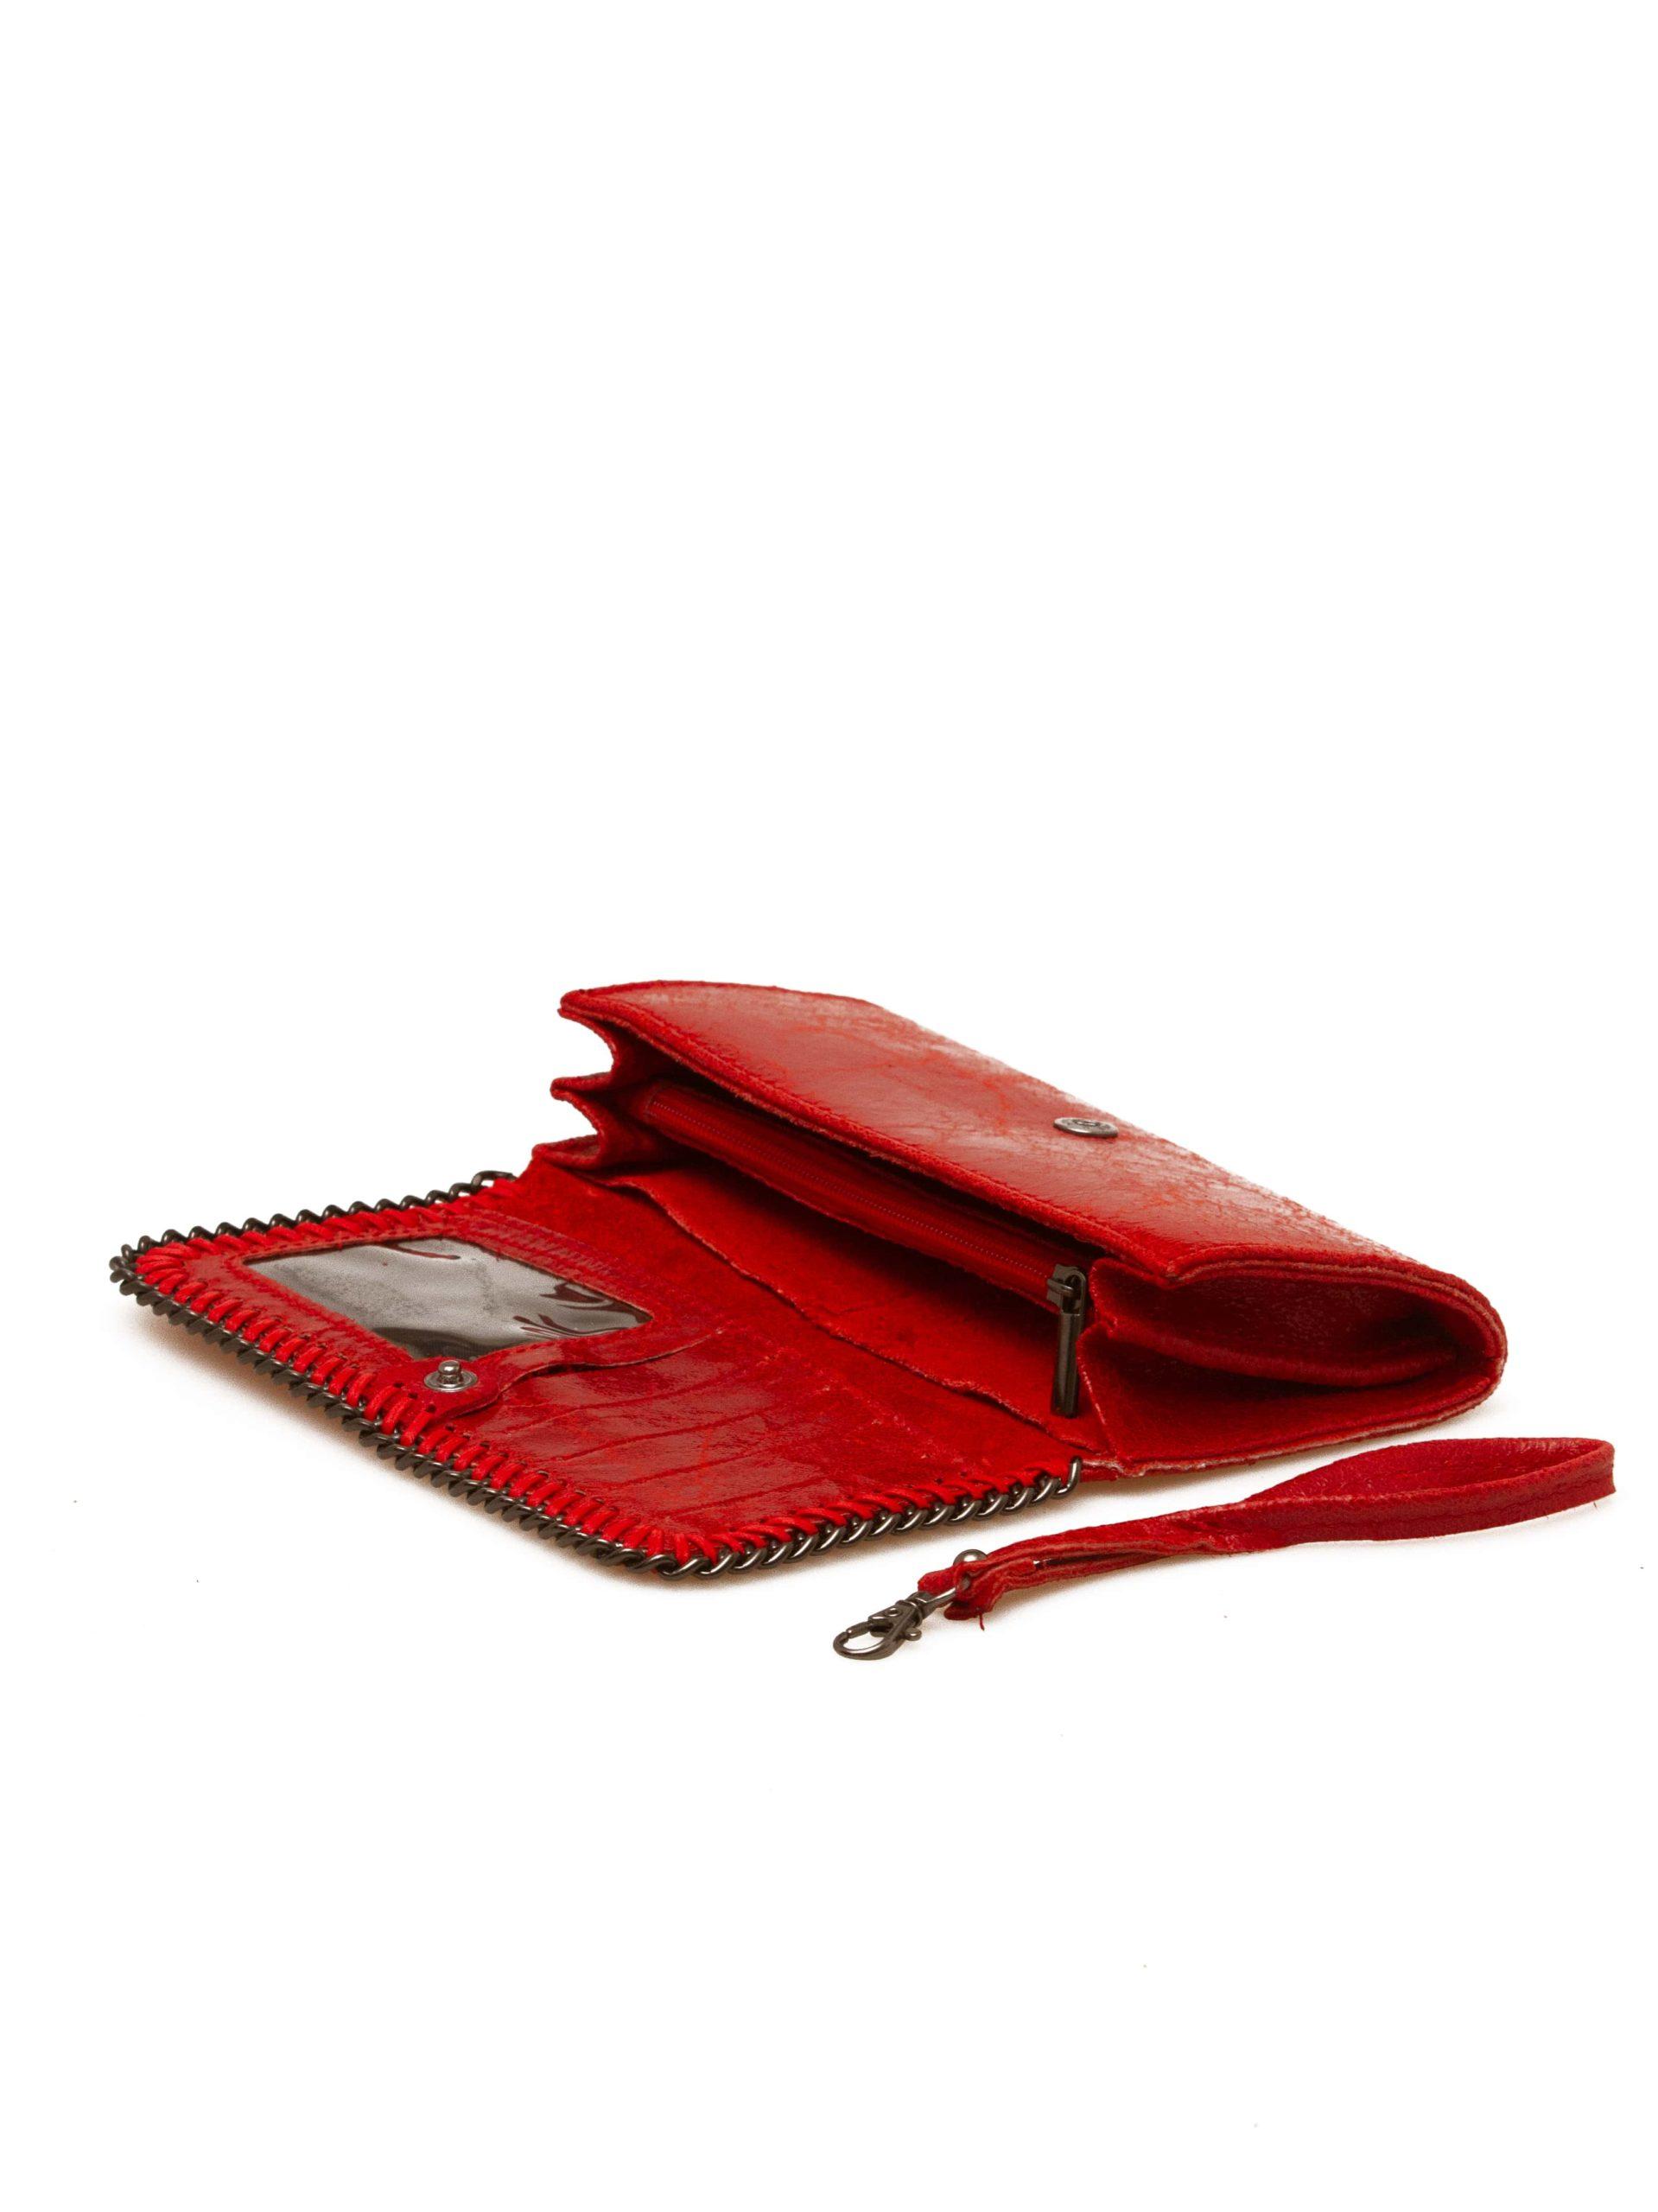 кошелек женский красный